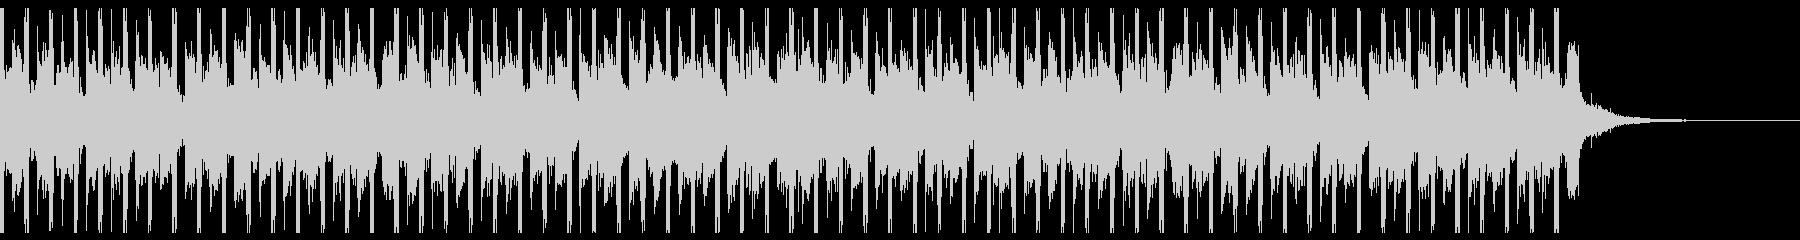 テクノロジー・アップビート(30秒)の未再生の波形